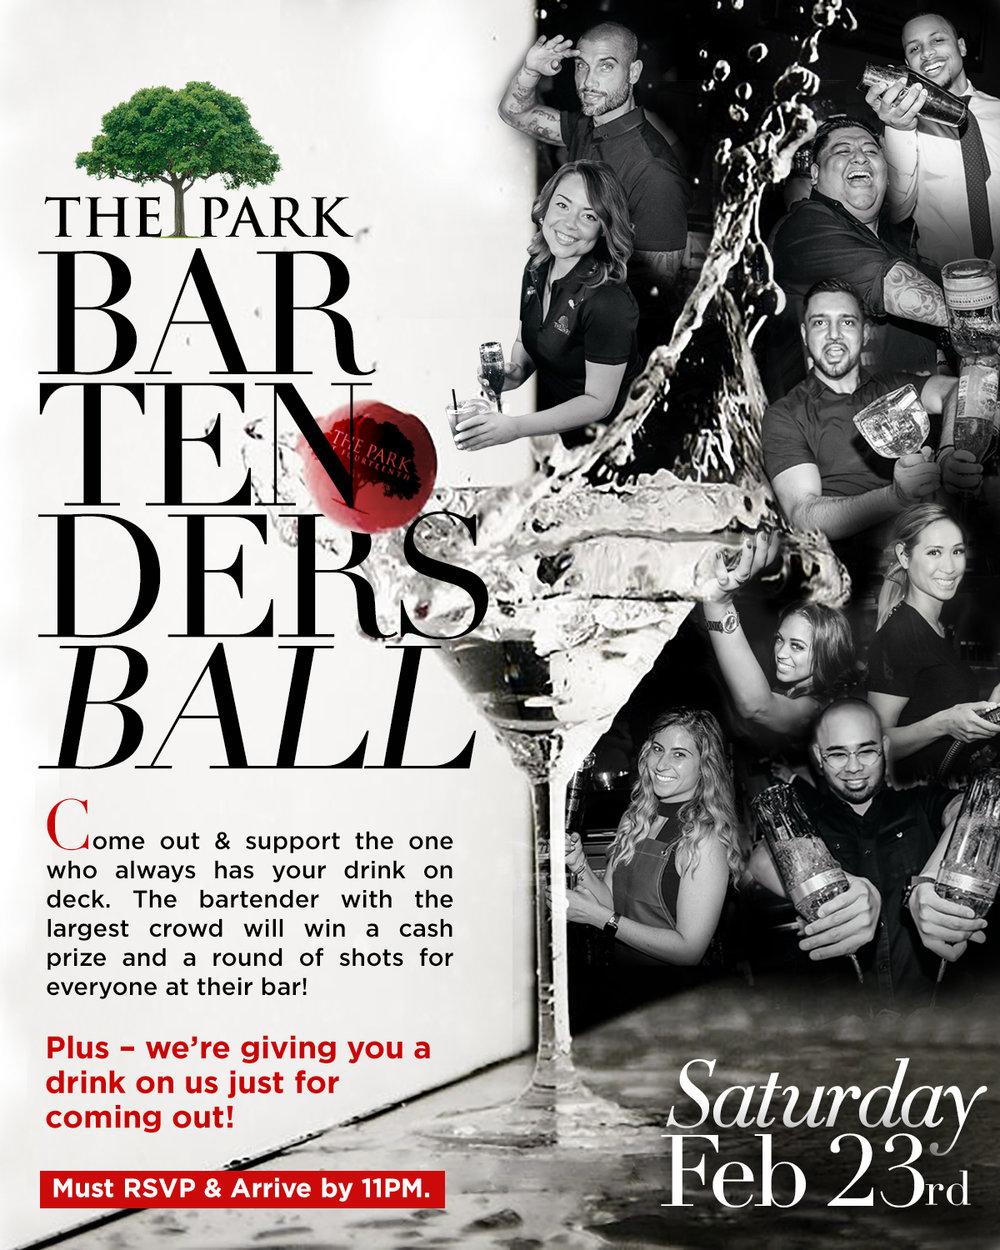 Bartenders Ball Adv v5.jpg